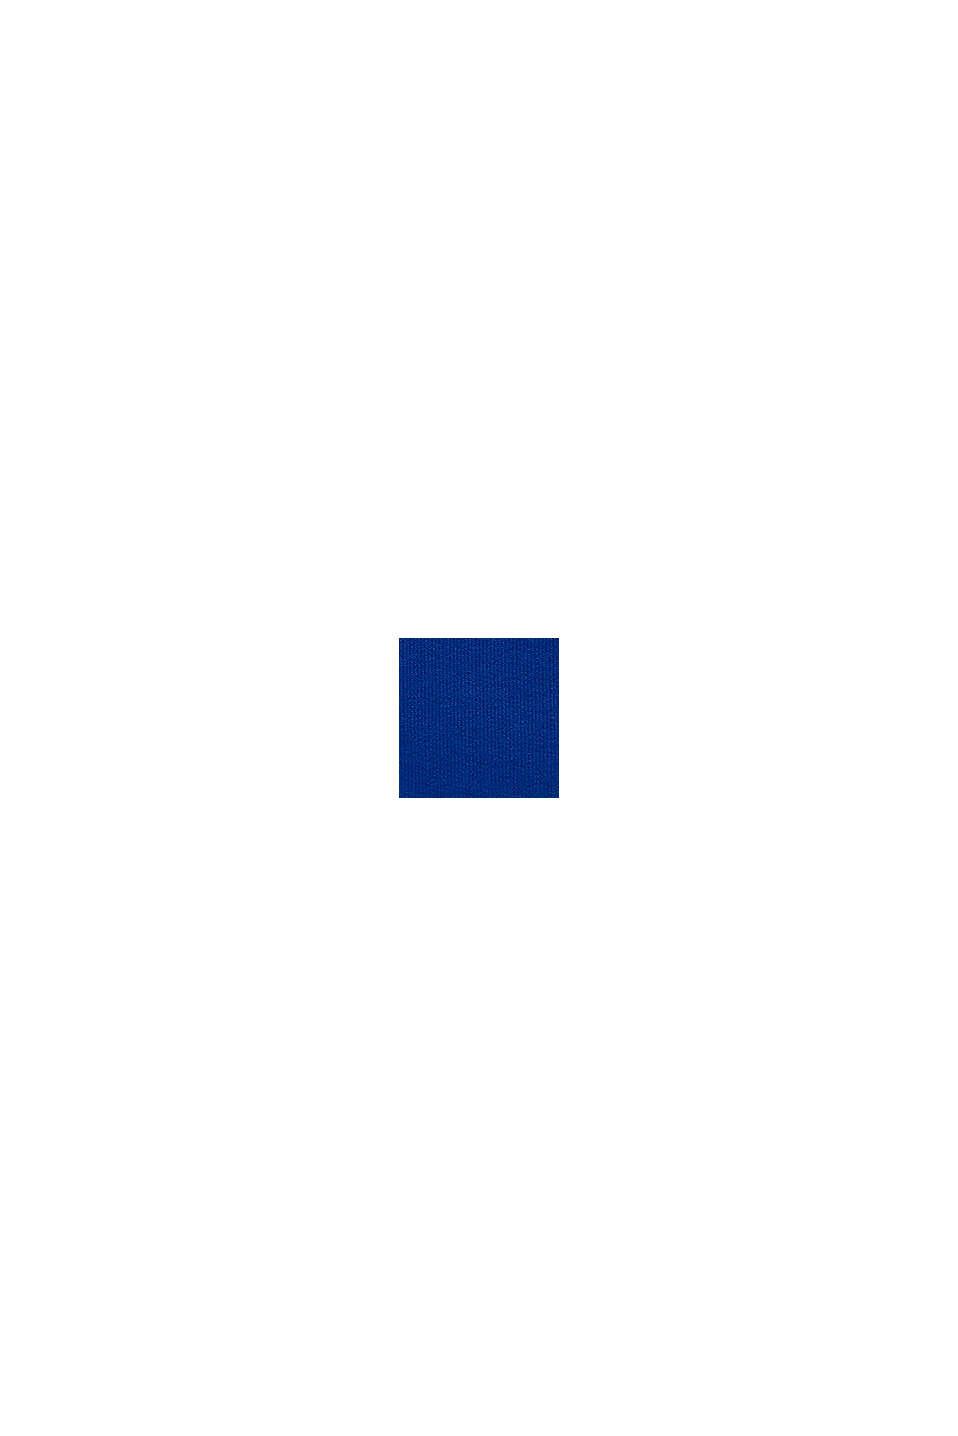 Hoodie met logo, 100% katoen, BRIGHT BLUE, swatch